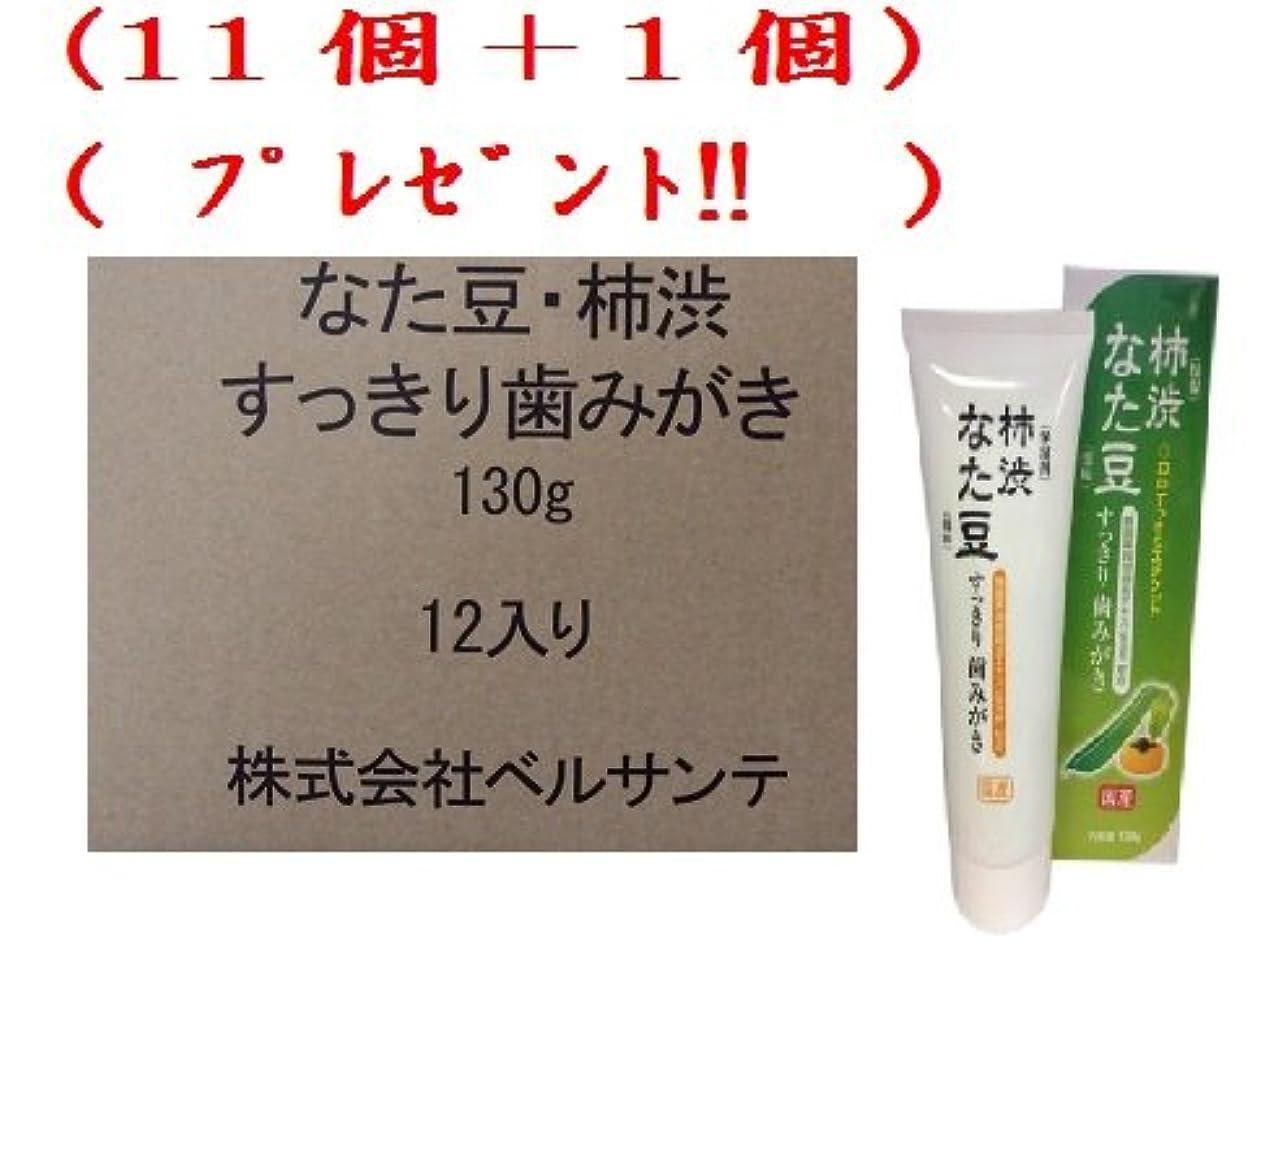 チャネルつぼみ好意的ナタ豆柿渋歯みがき130g(●11個購入特別価額+1個プレゼント)